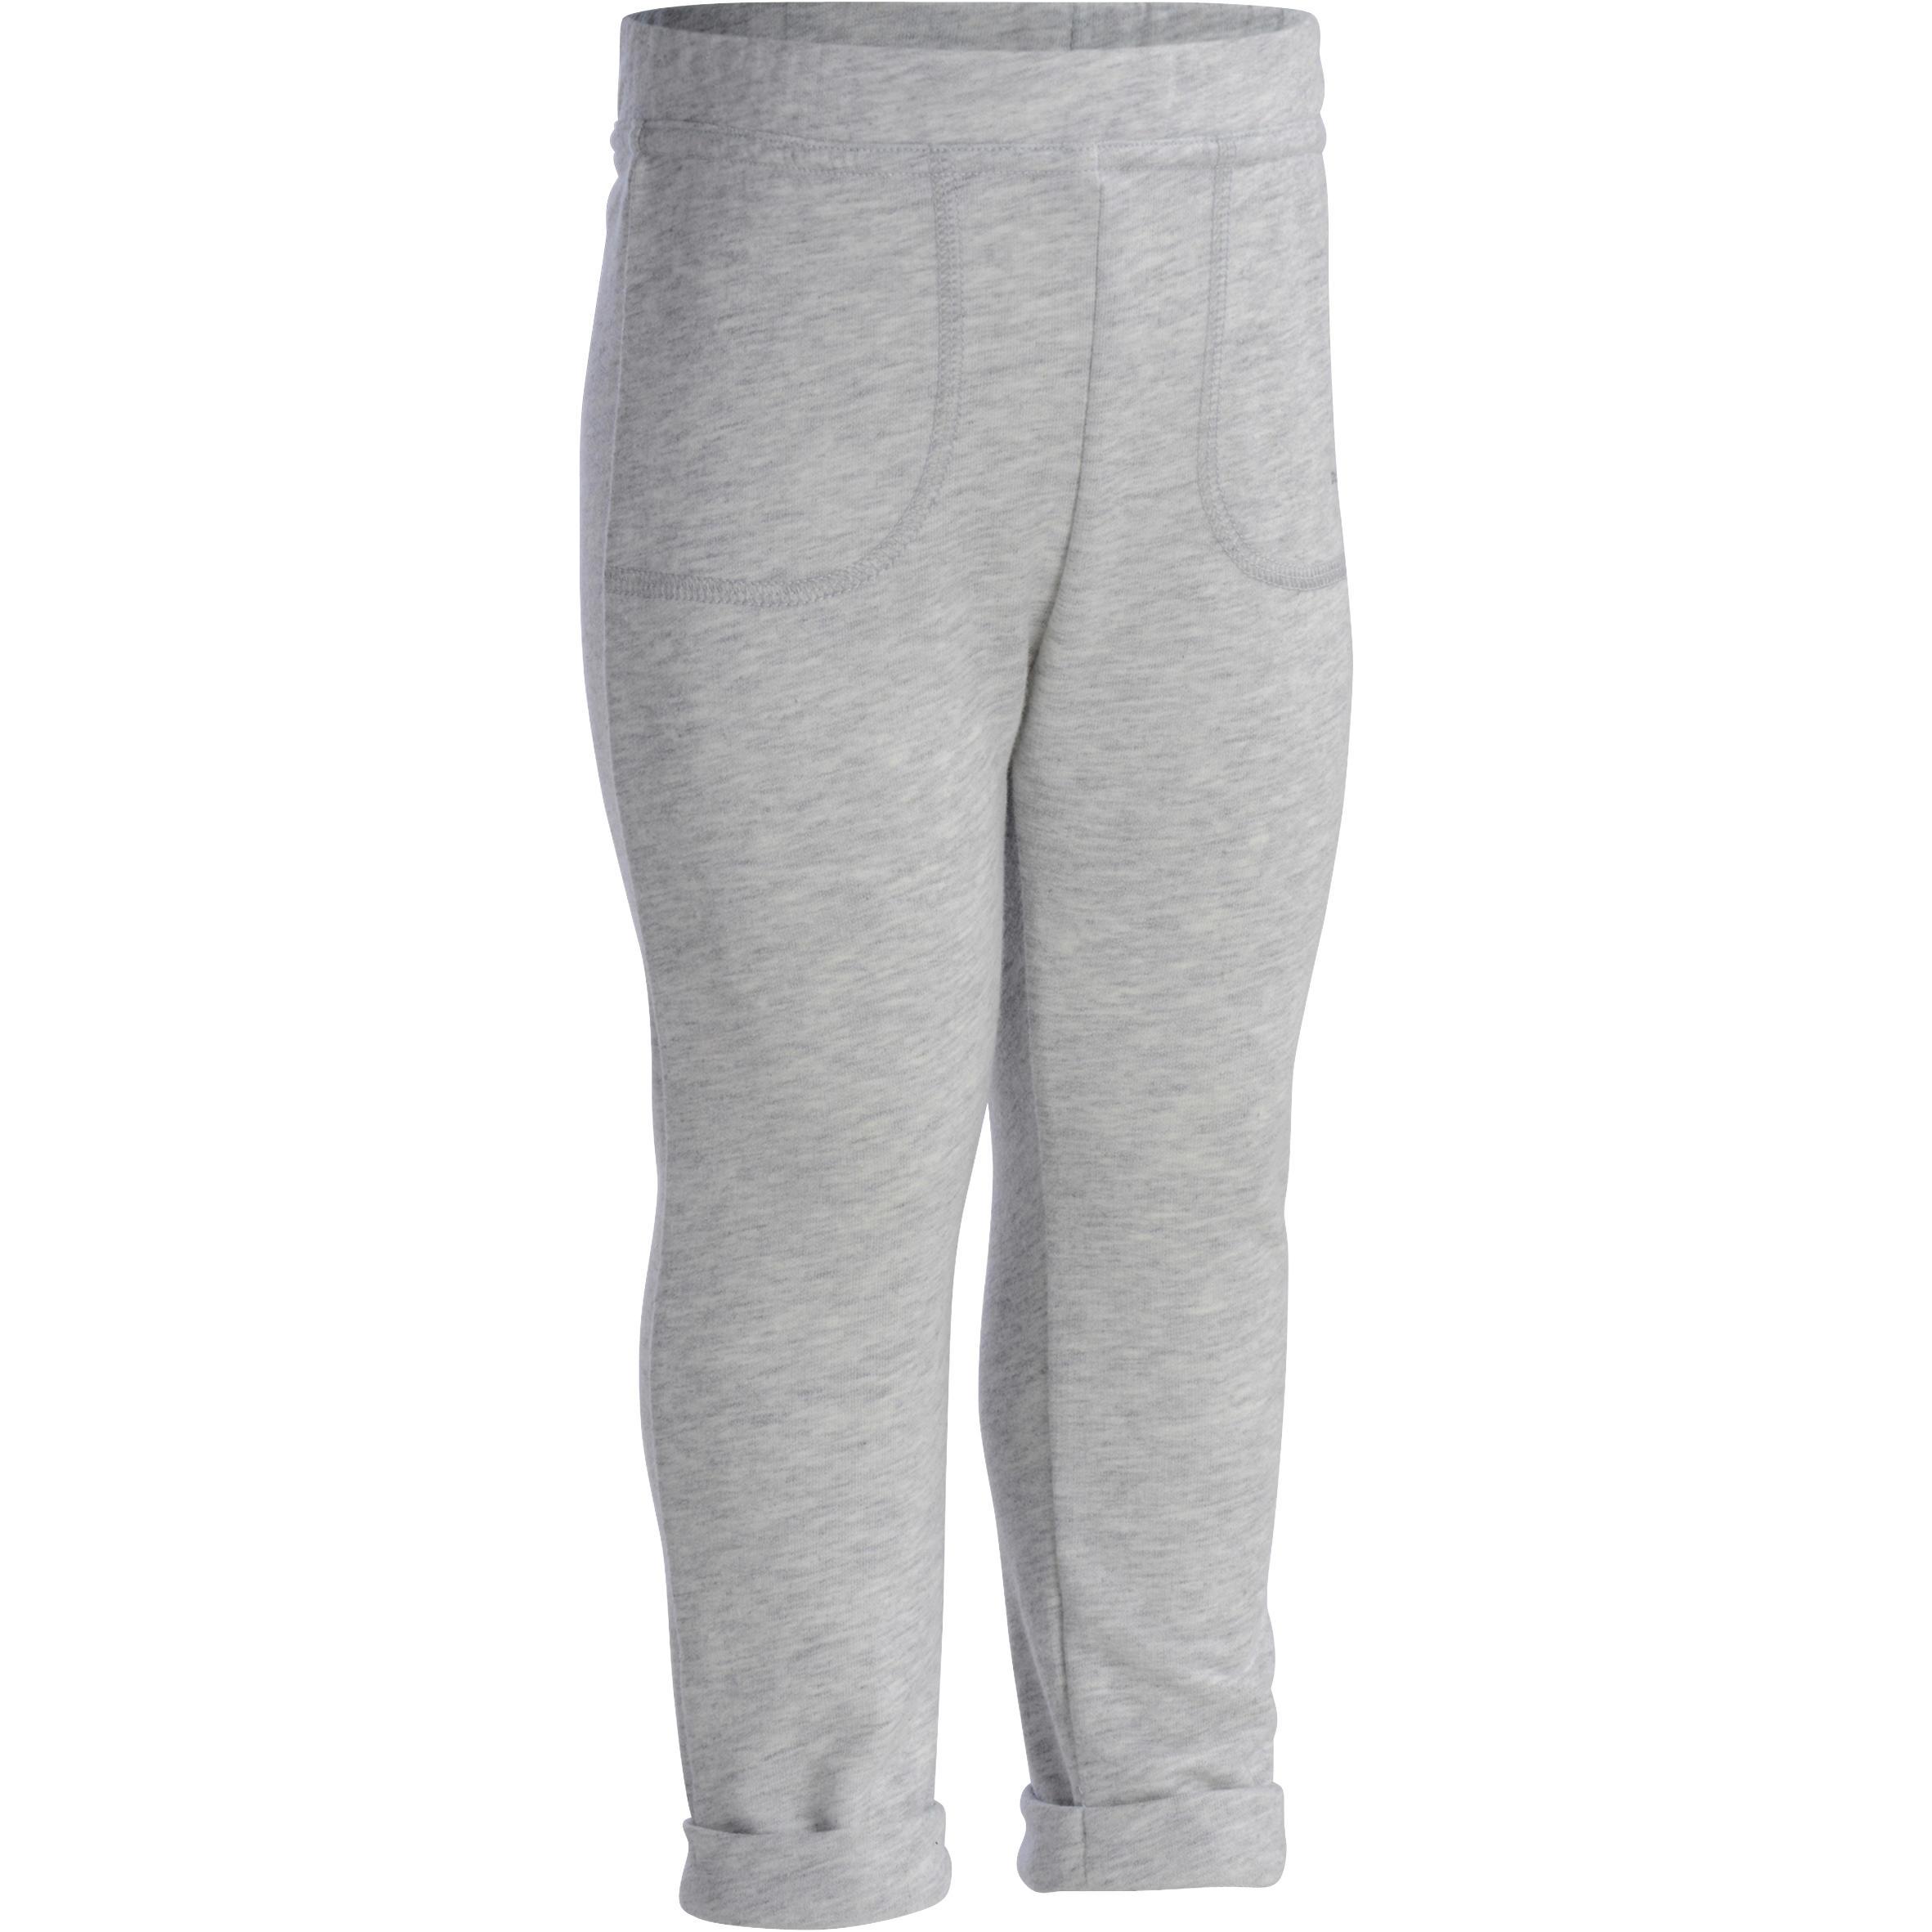 Gym broek voor peuters grijs